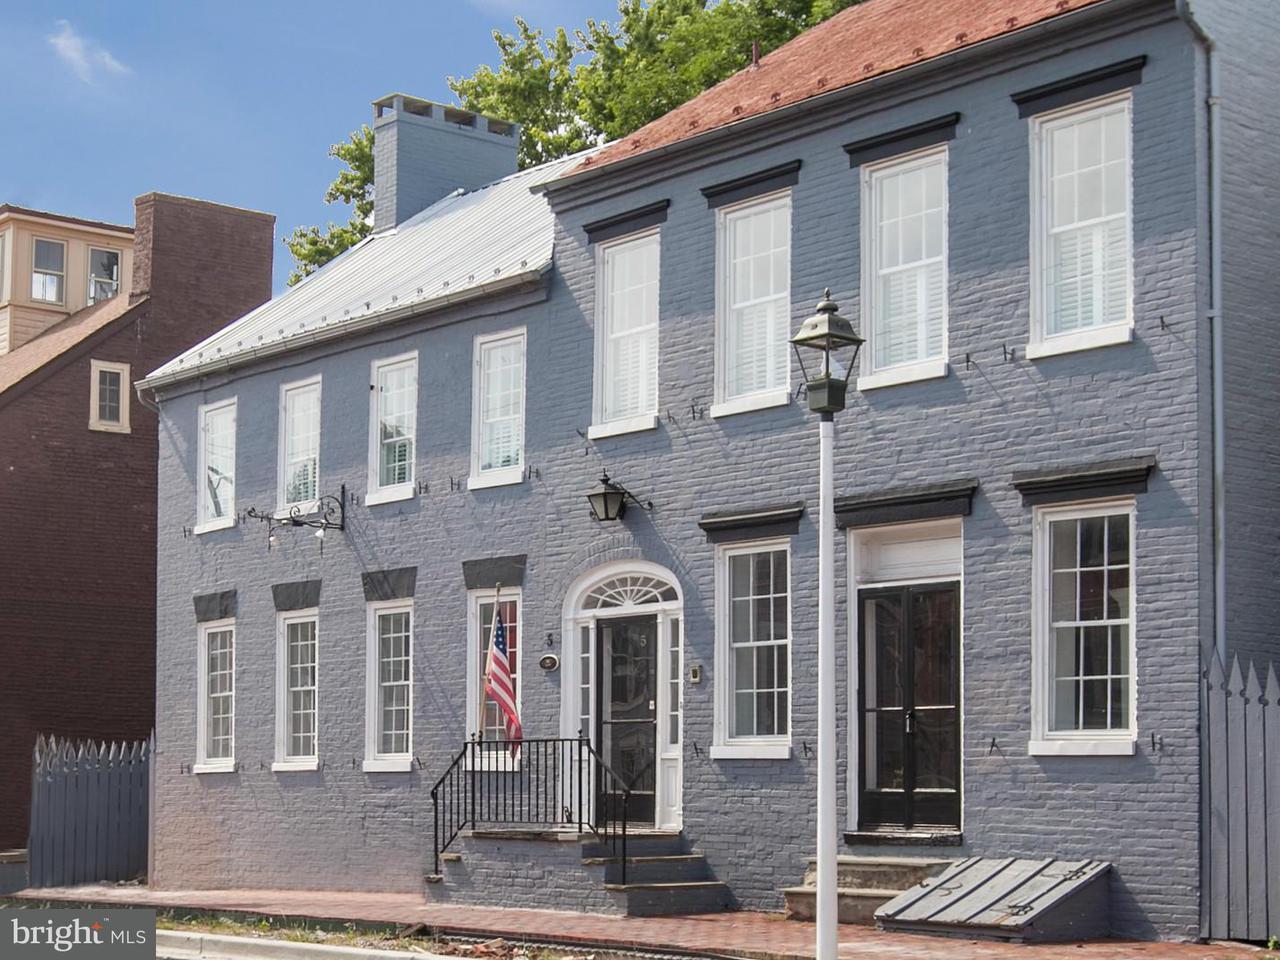 Maison unifamiliale pour l Vente à 5 Main Street 5 Main Street New Market, Maryland 21774 États-Unis